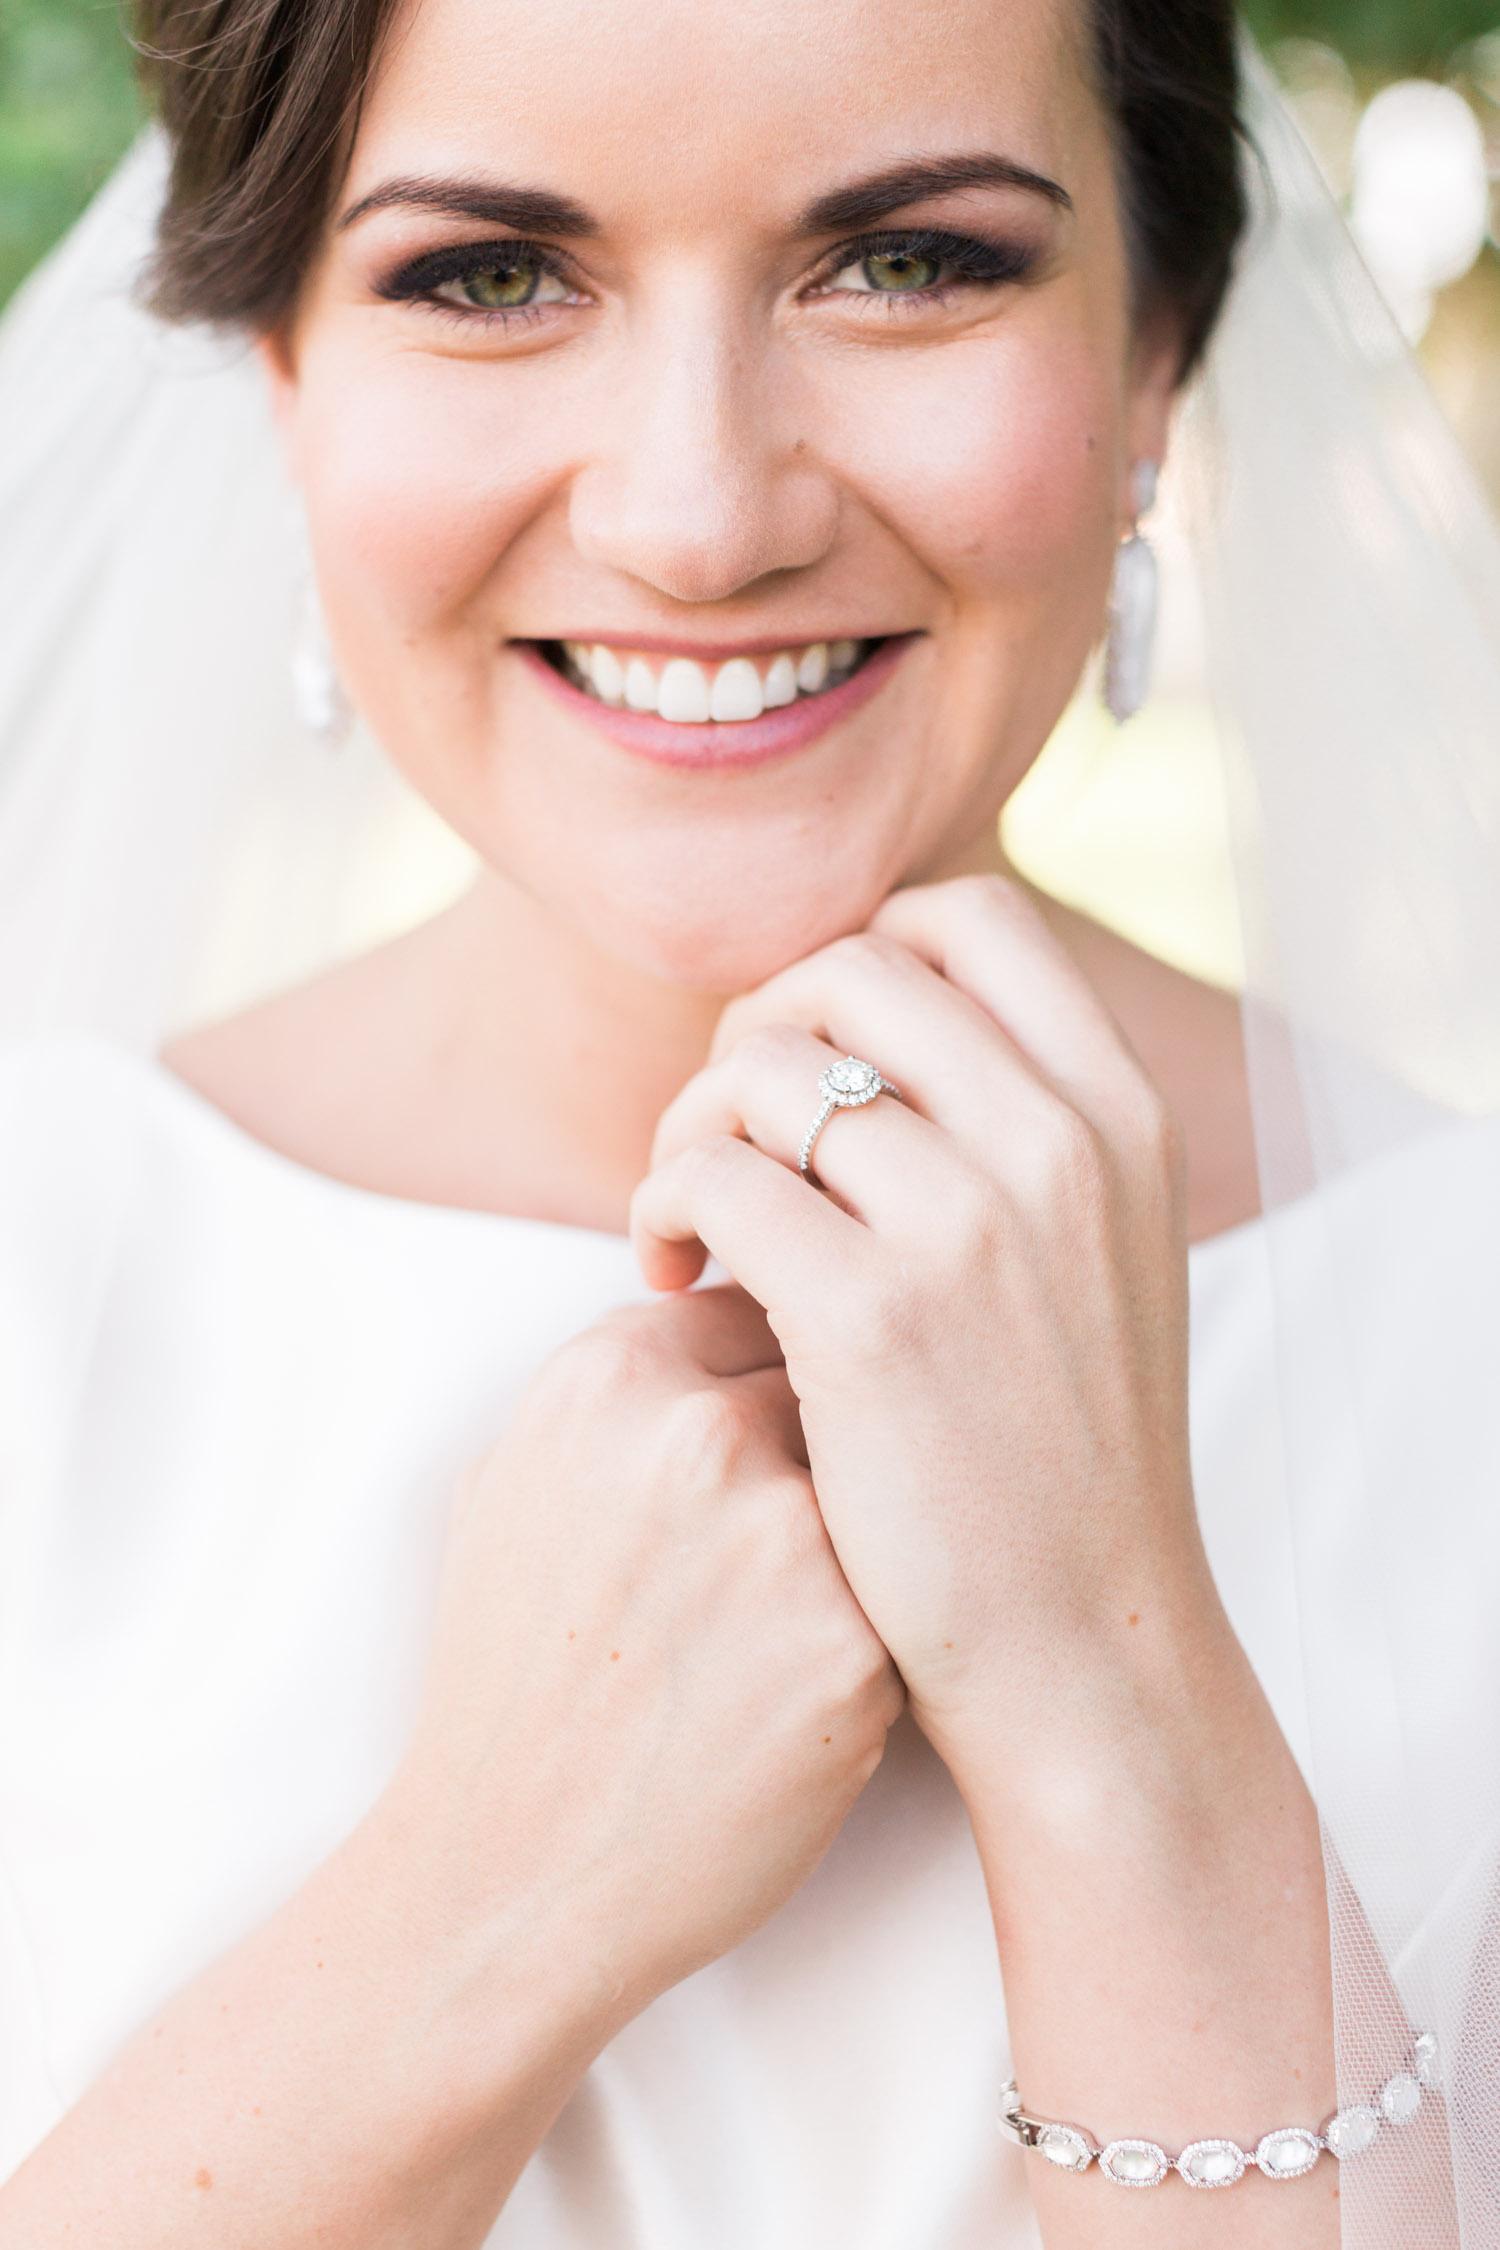 Gorogeous Bride with stunning halo engagement ring| Betsy & John Photography | Tucson Wedding Photographers